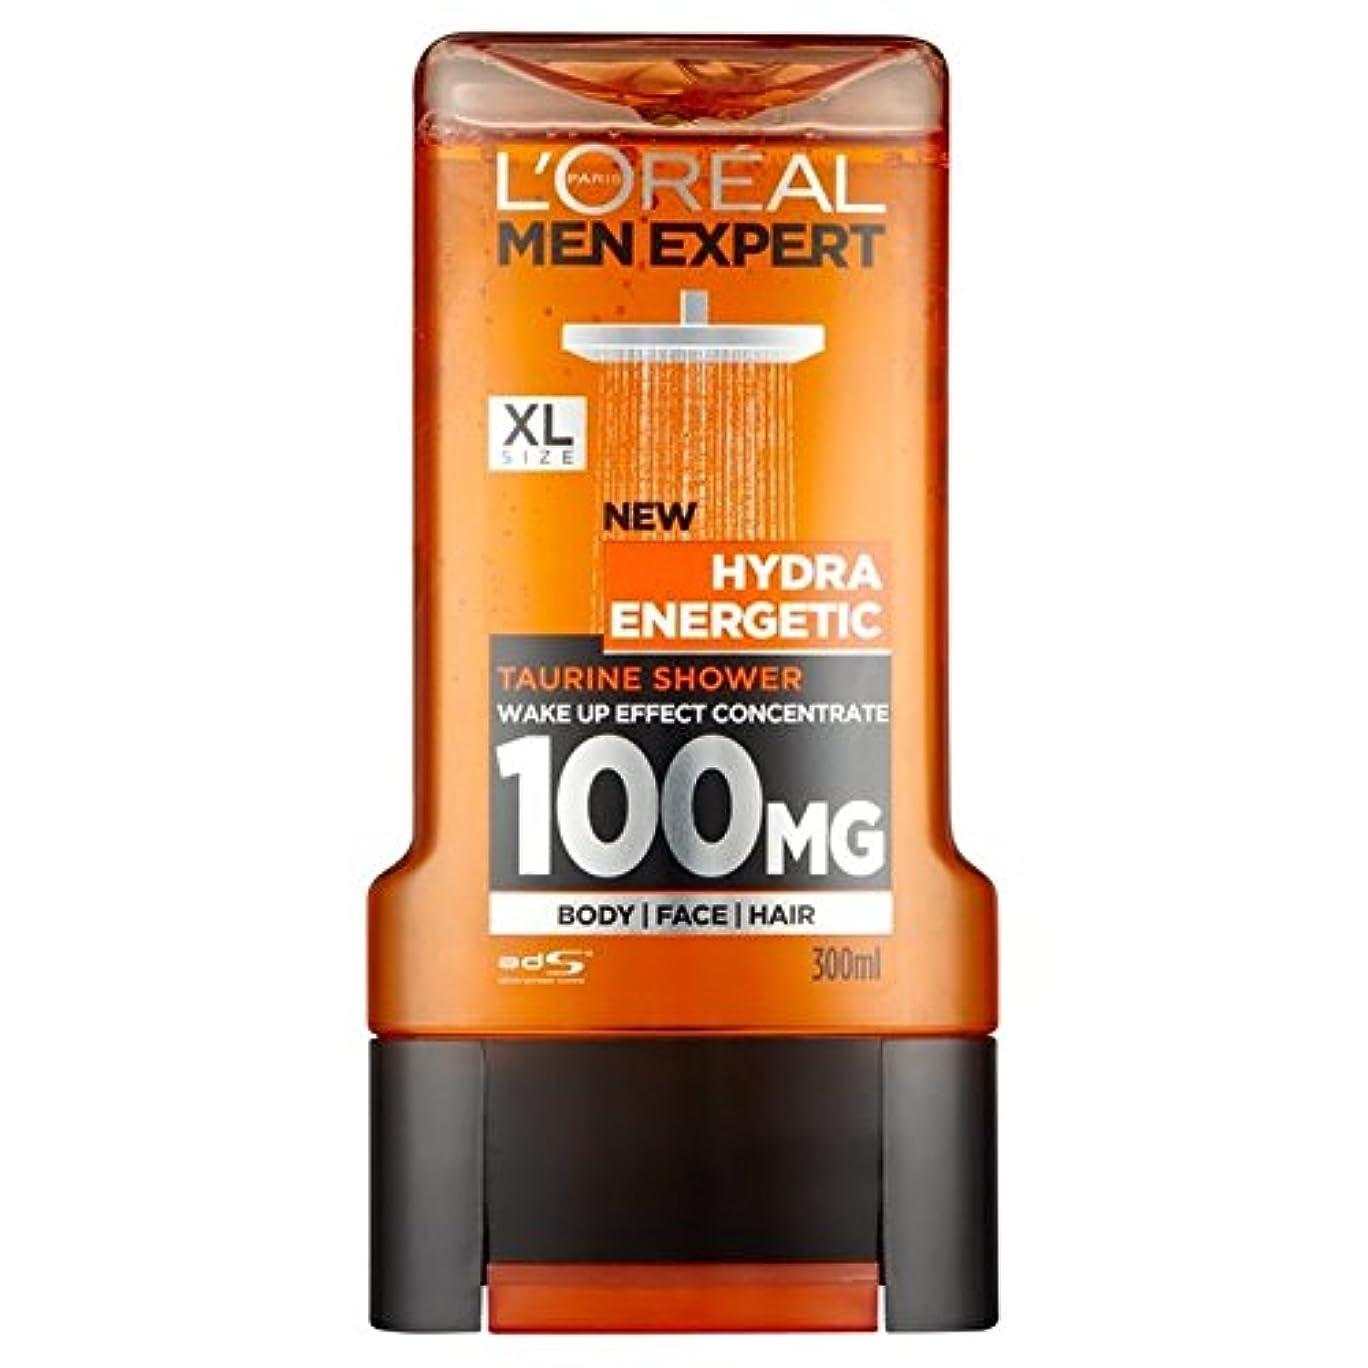 真鍮悪夢ボアL'Oreal Paris Men Expert Hydra Energetic Shower Gel 300ml (Pack of 6) - ロレアルパリのメンズ専門家ヒドラエネルギッシュなシャワージェル300ミリリットル x6 [並行輸入品]